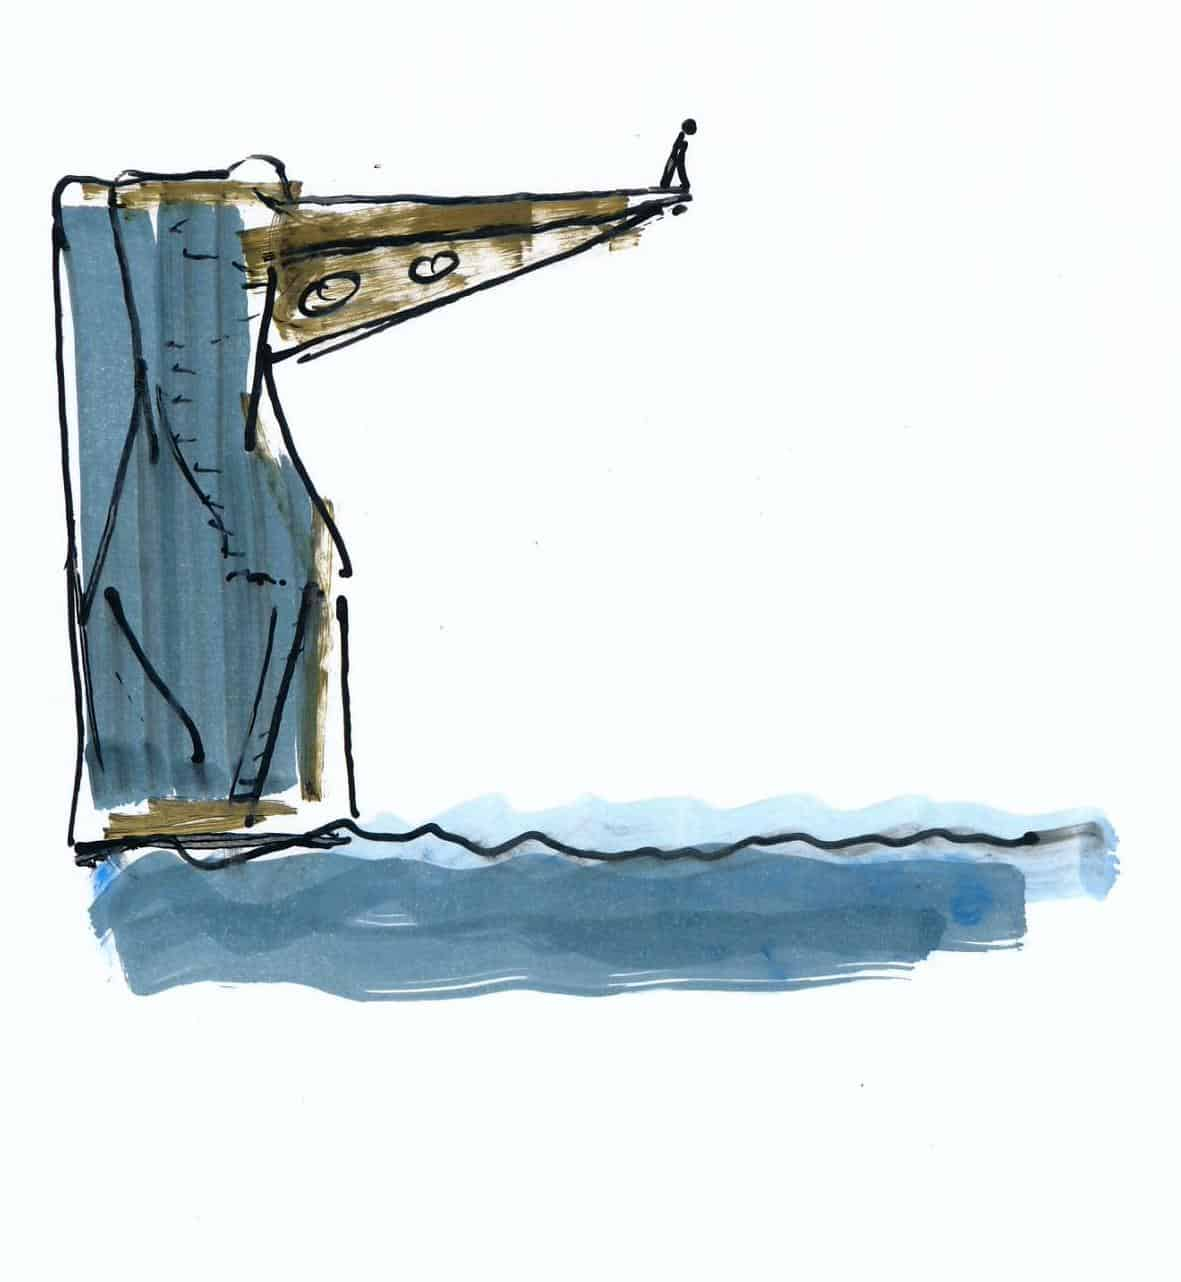 Sprungturm im Schwimmbad